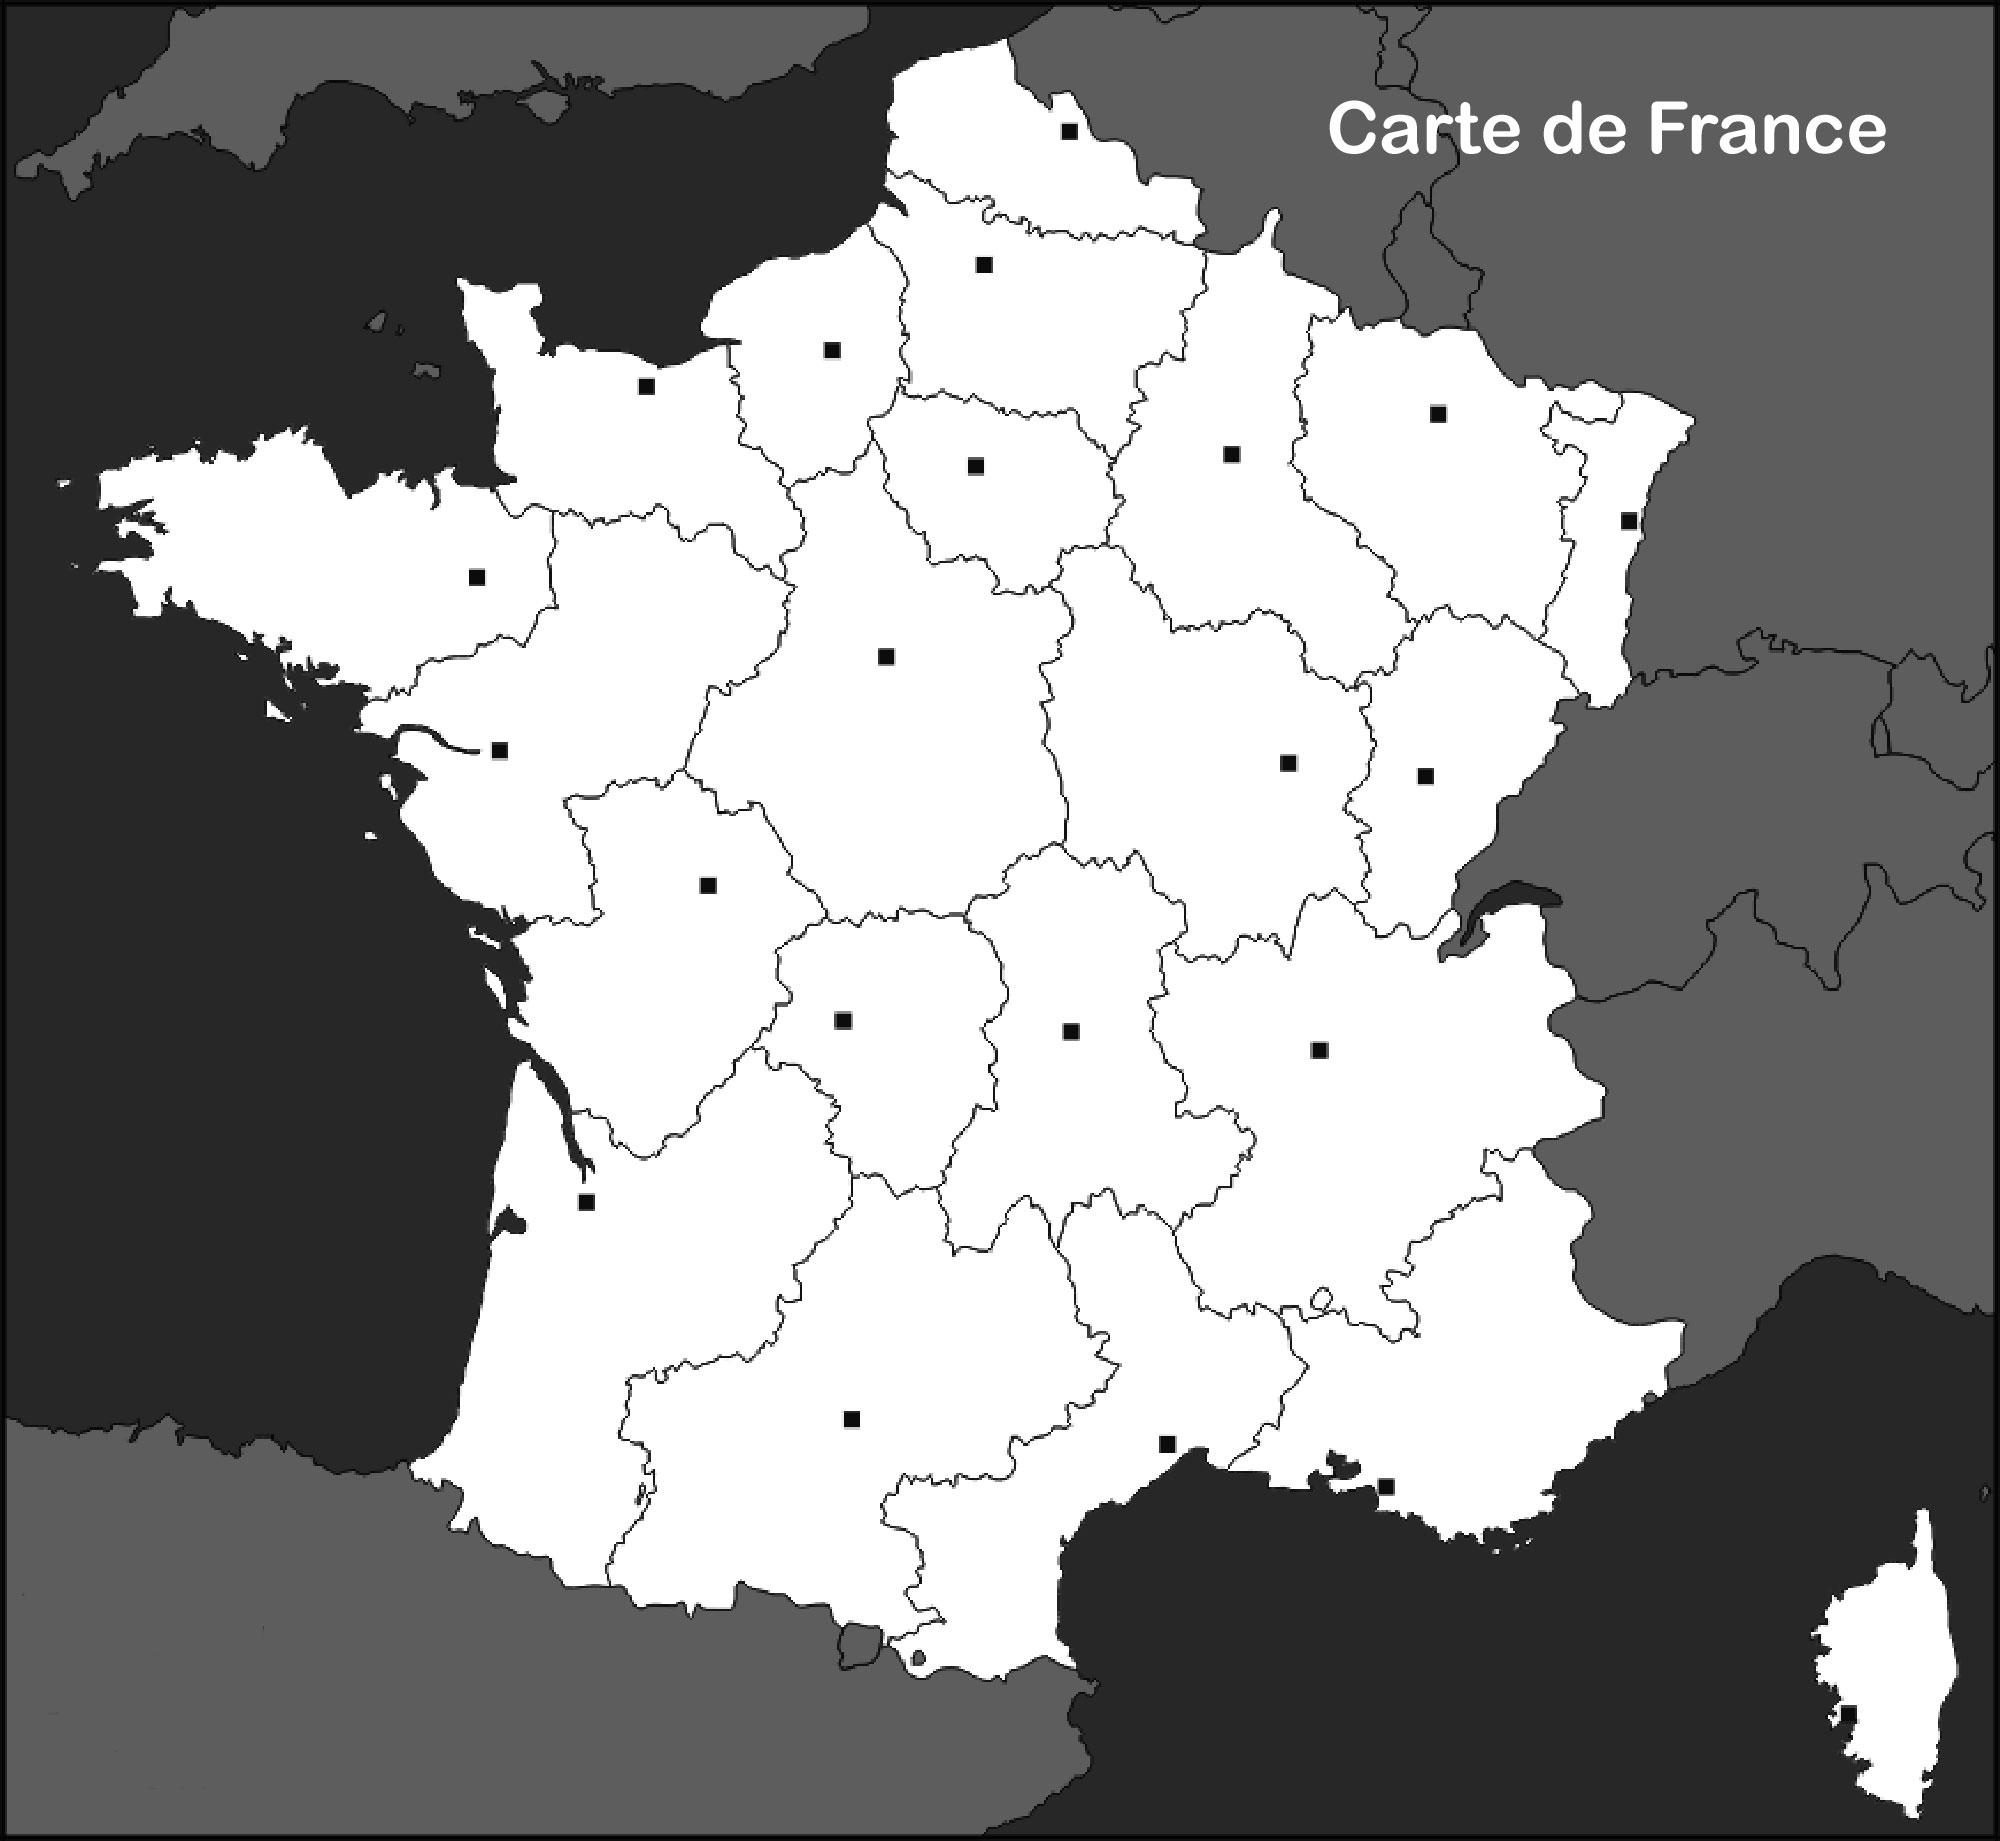 Carte De France Vierge - Voyages - Cartes dedans Carte Vierge De France